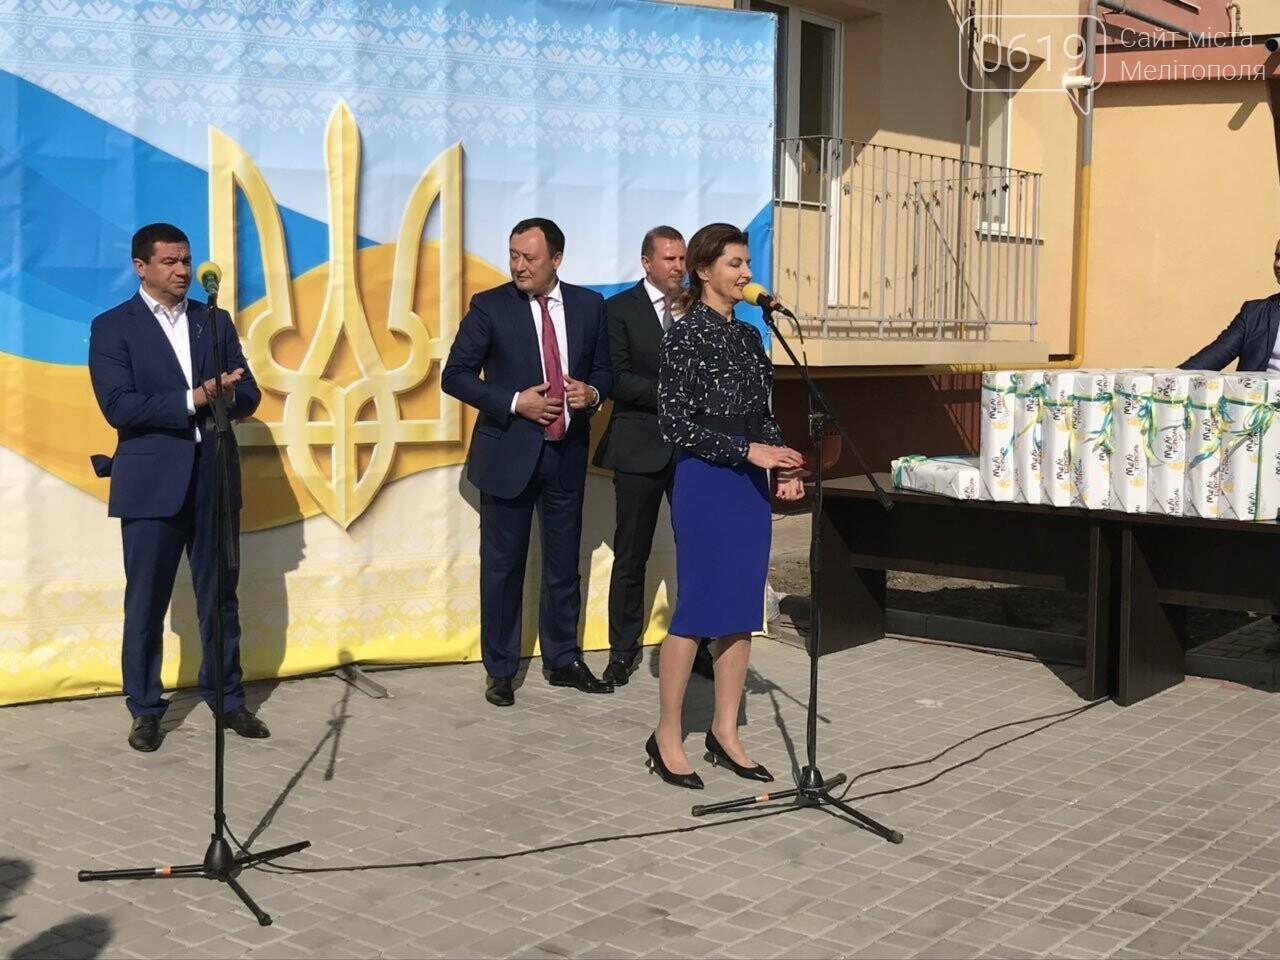 Супруга Президента вручила мелитопольским сиротам ключи от квартир , фото-8, Фото сайта 0619